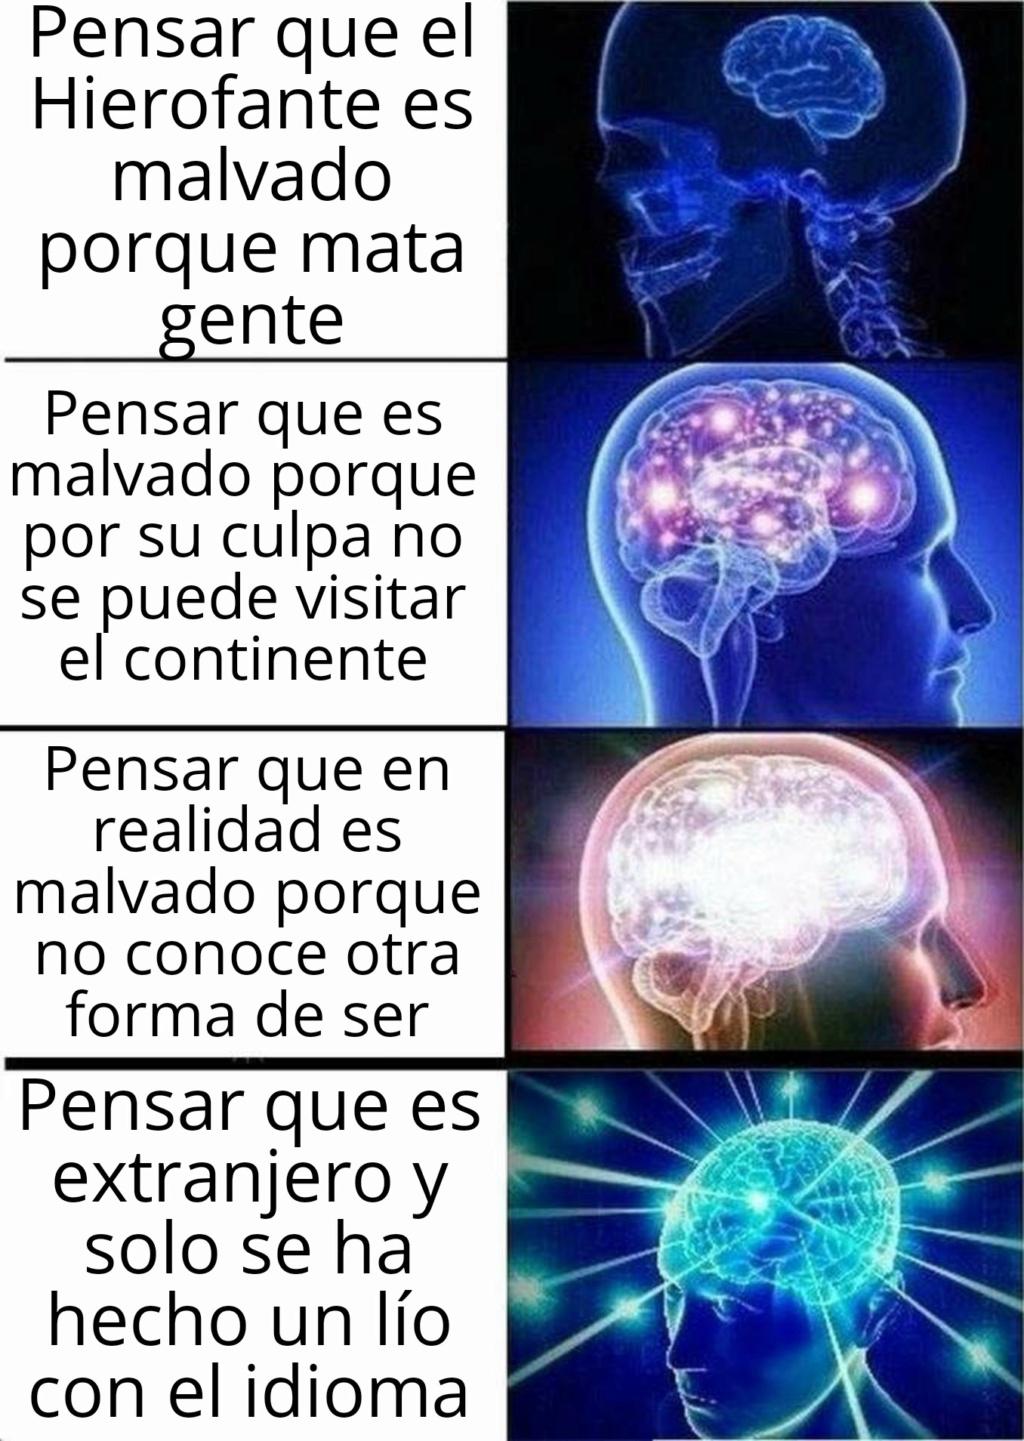 MEMILLOS DE NABRADIA Motiva11